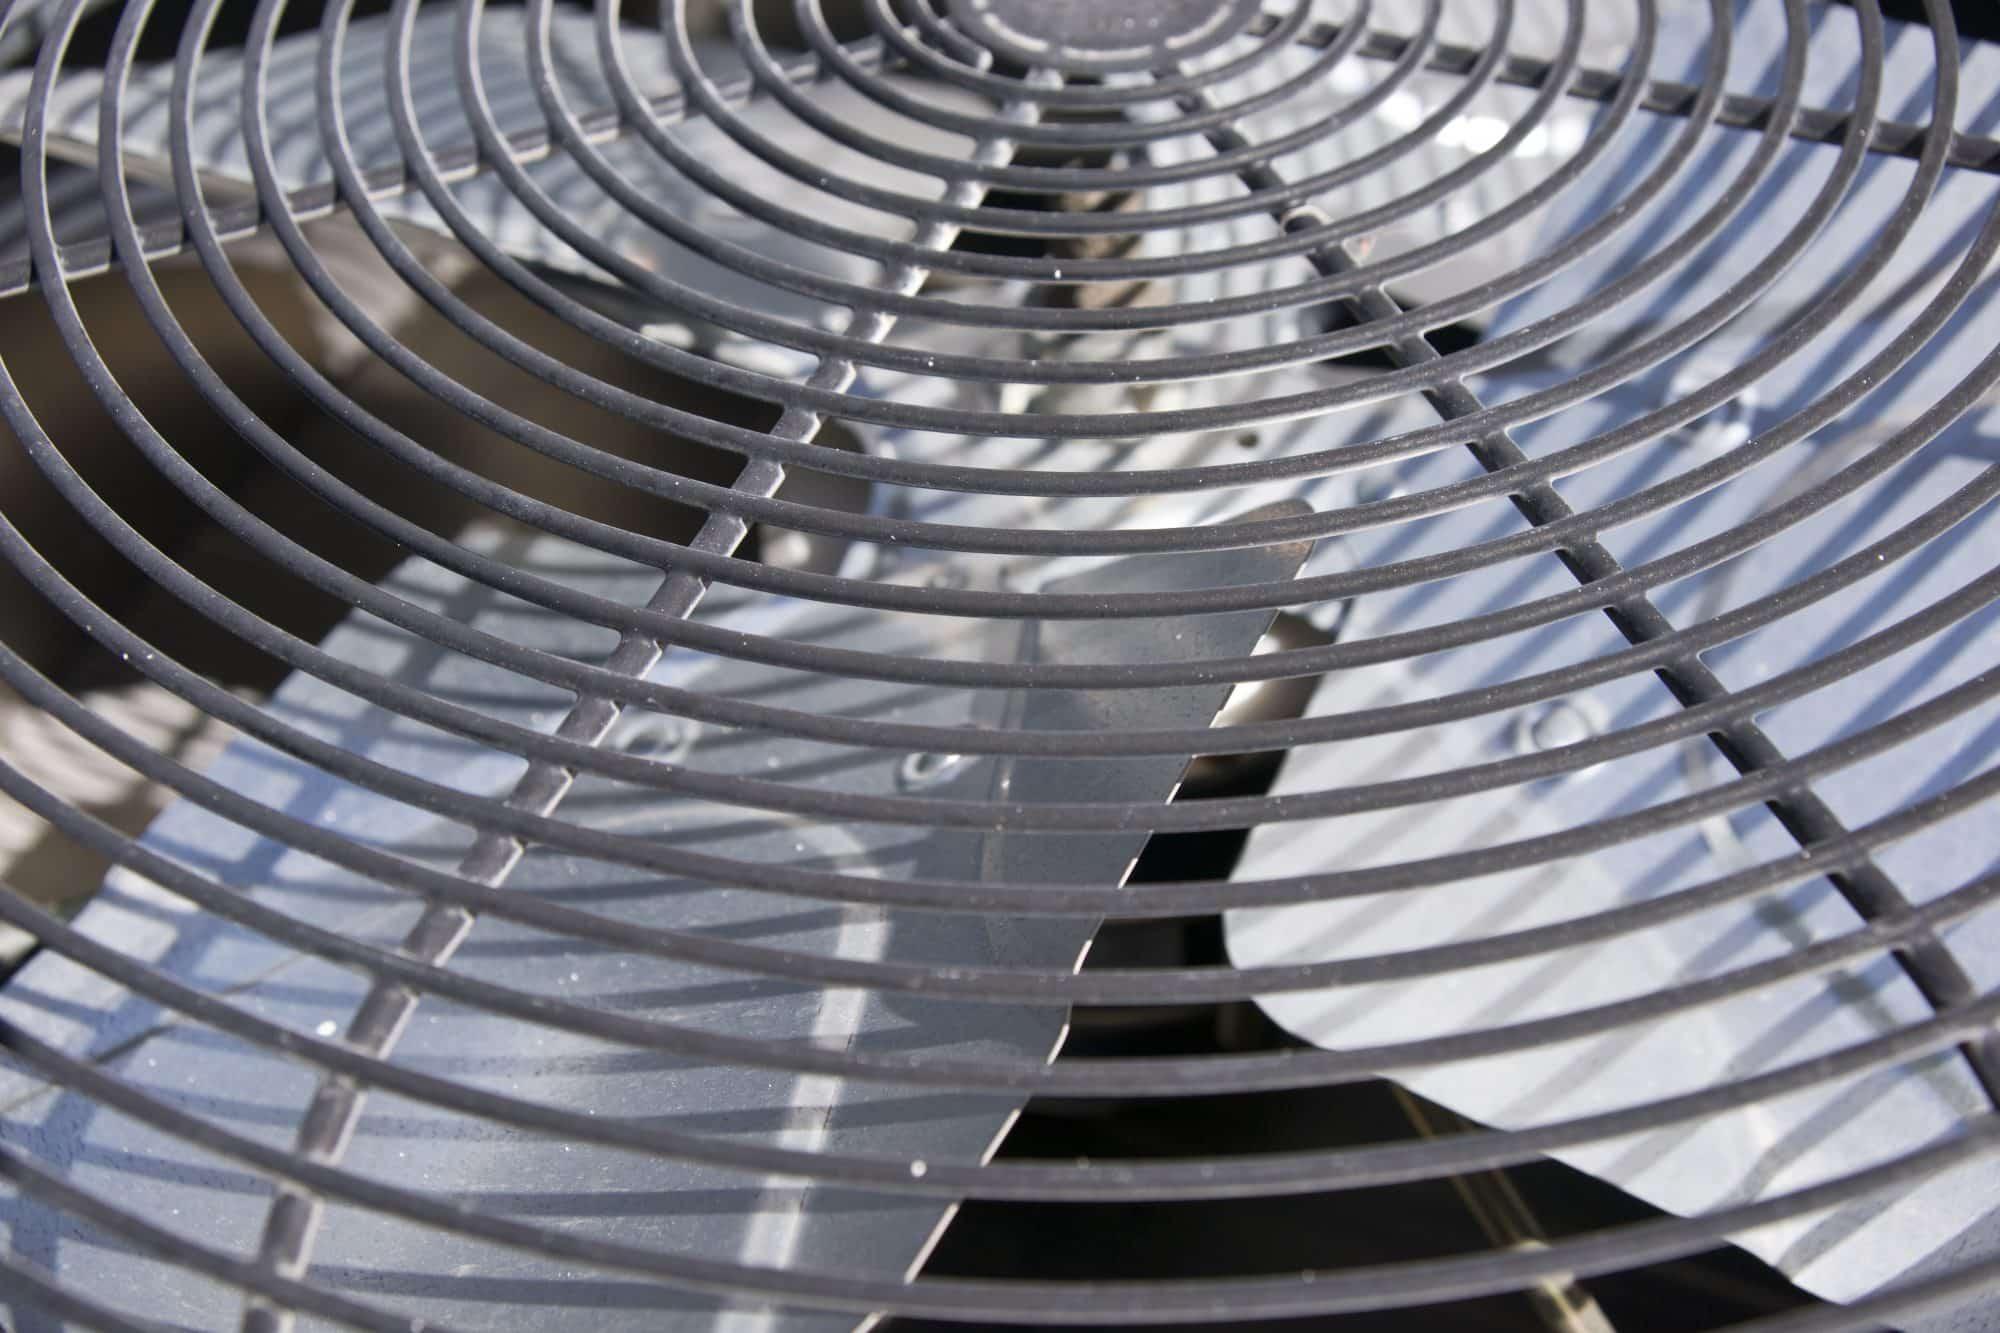 HVAC cooling fan